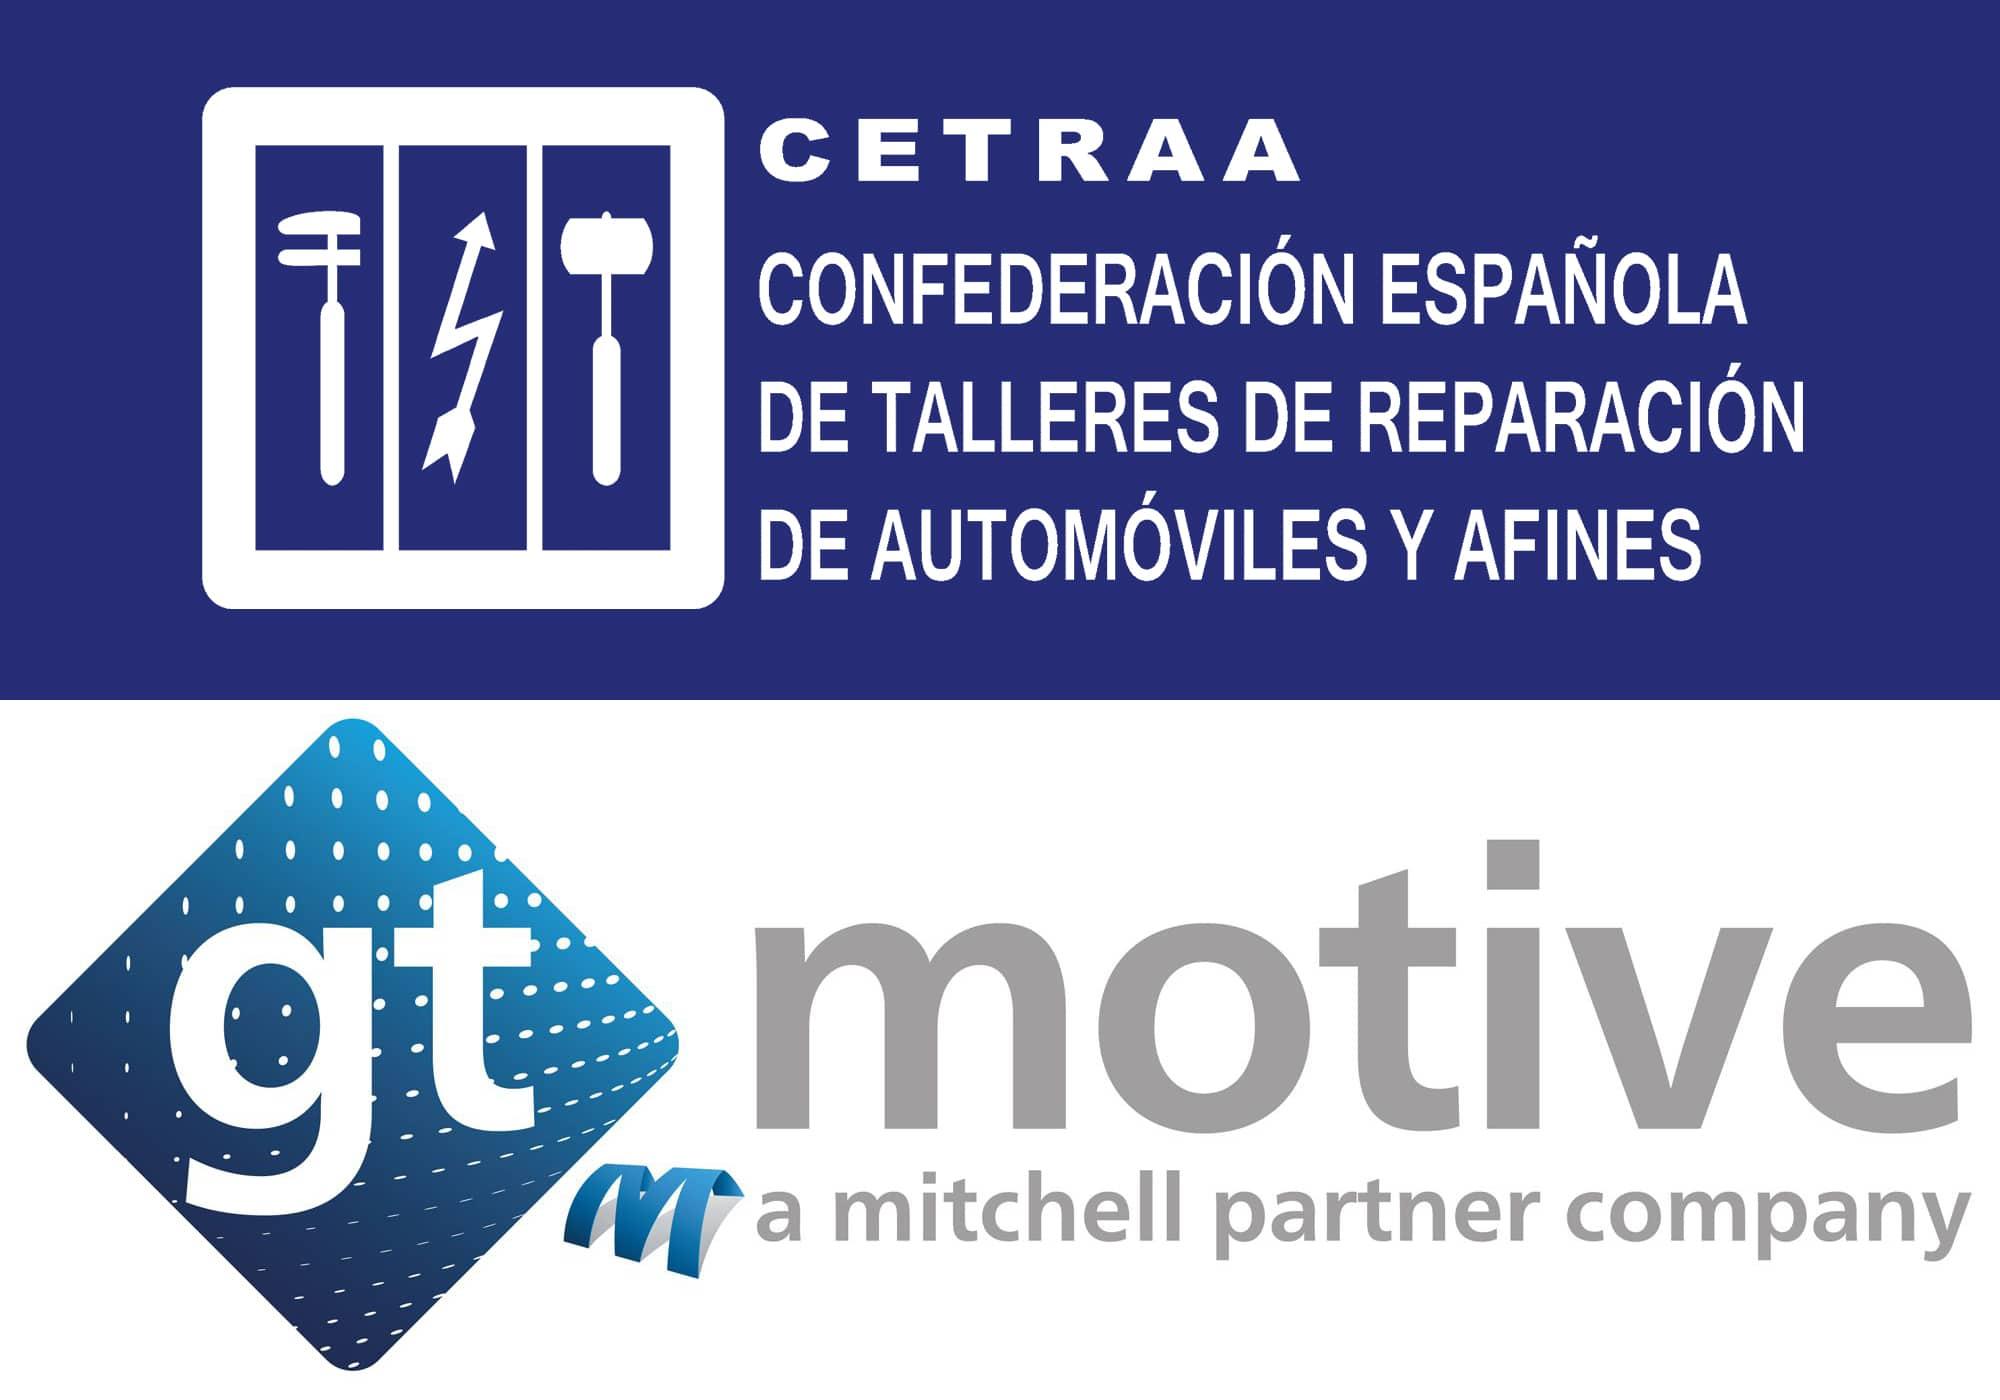 CETRAA acuerdo con GT Motive